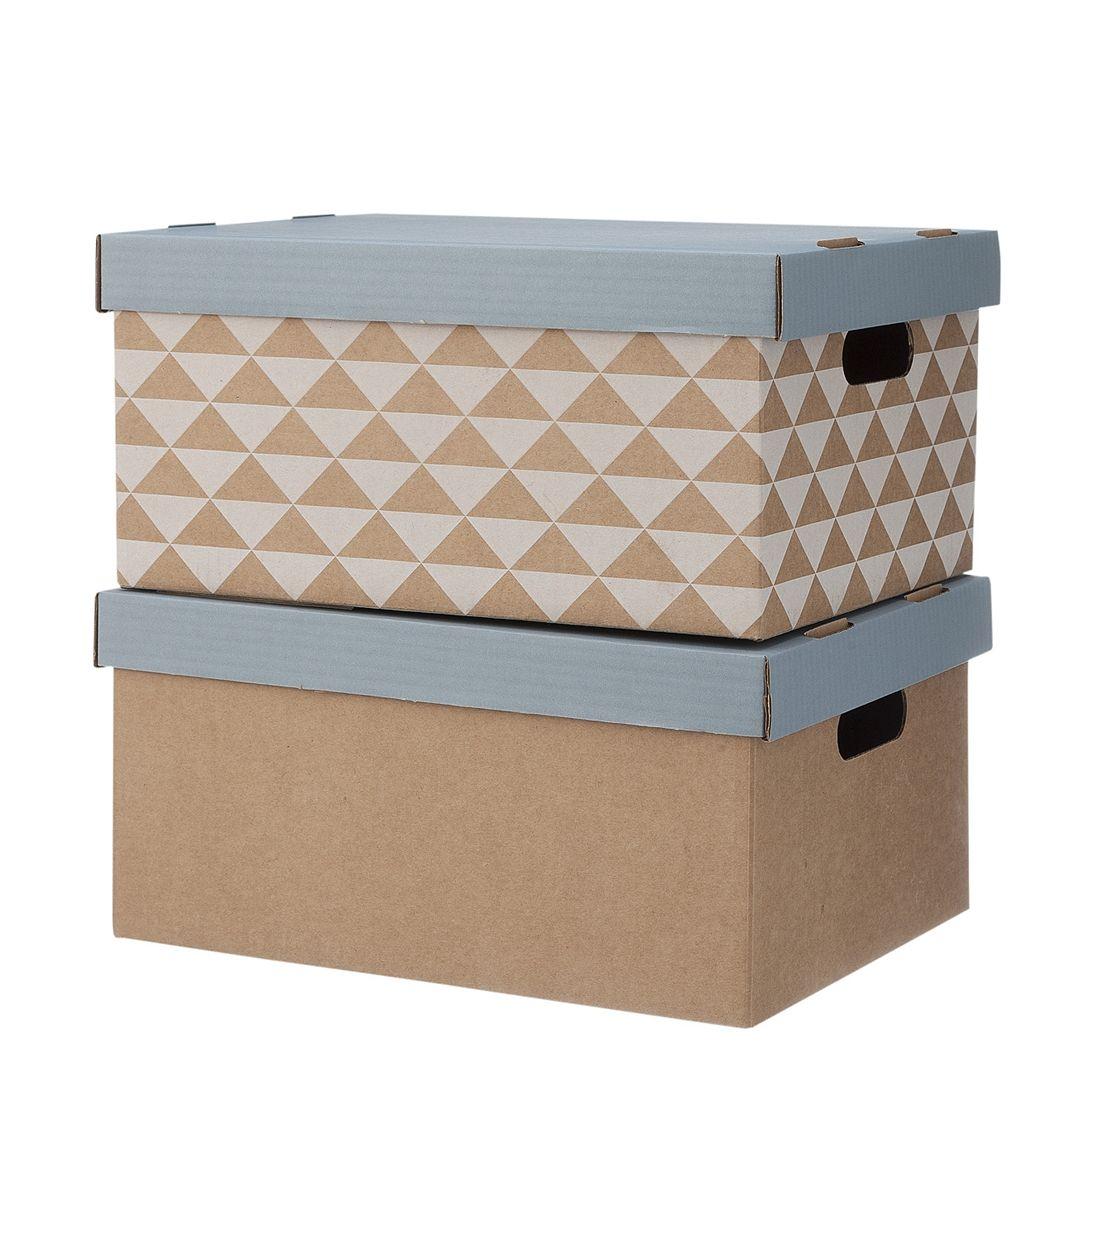 Lot De 2 Boites De Rangement A4 En Carton Cardboard Storage Storage Boxes Diy Storage Boxes